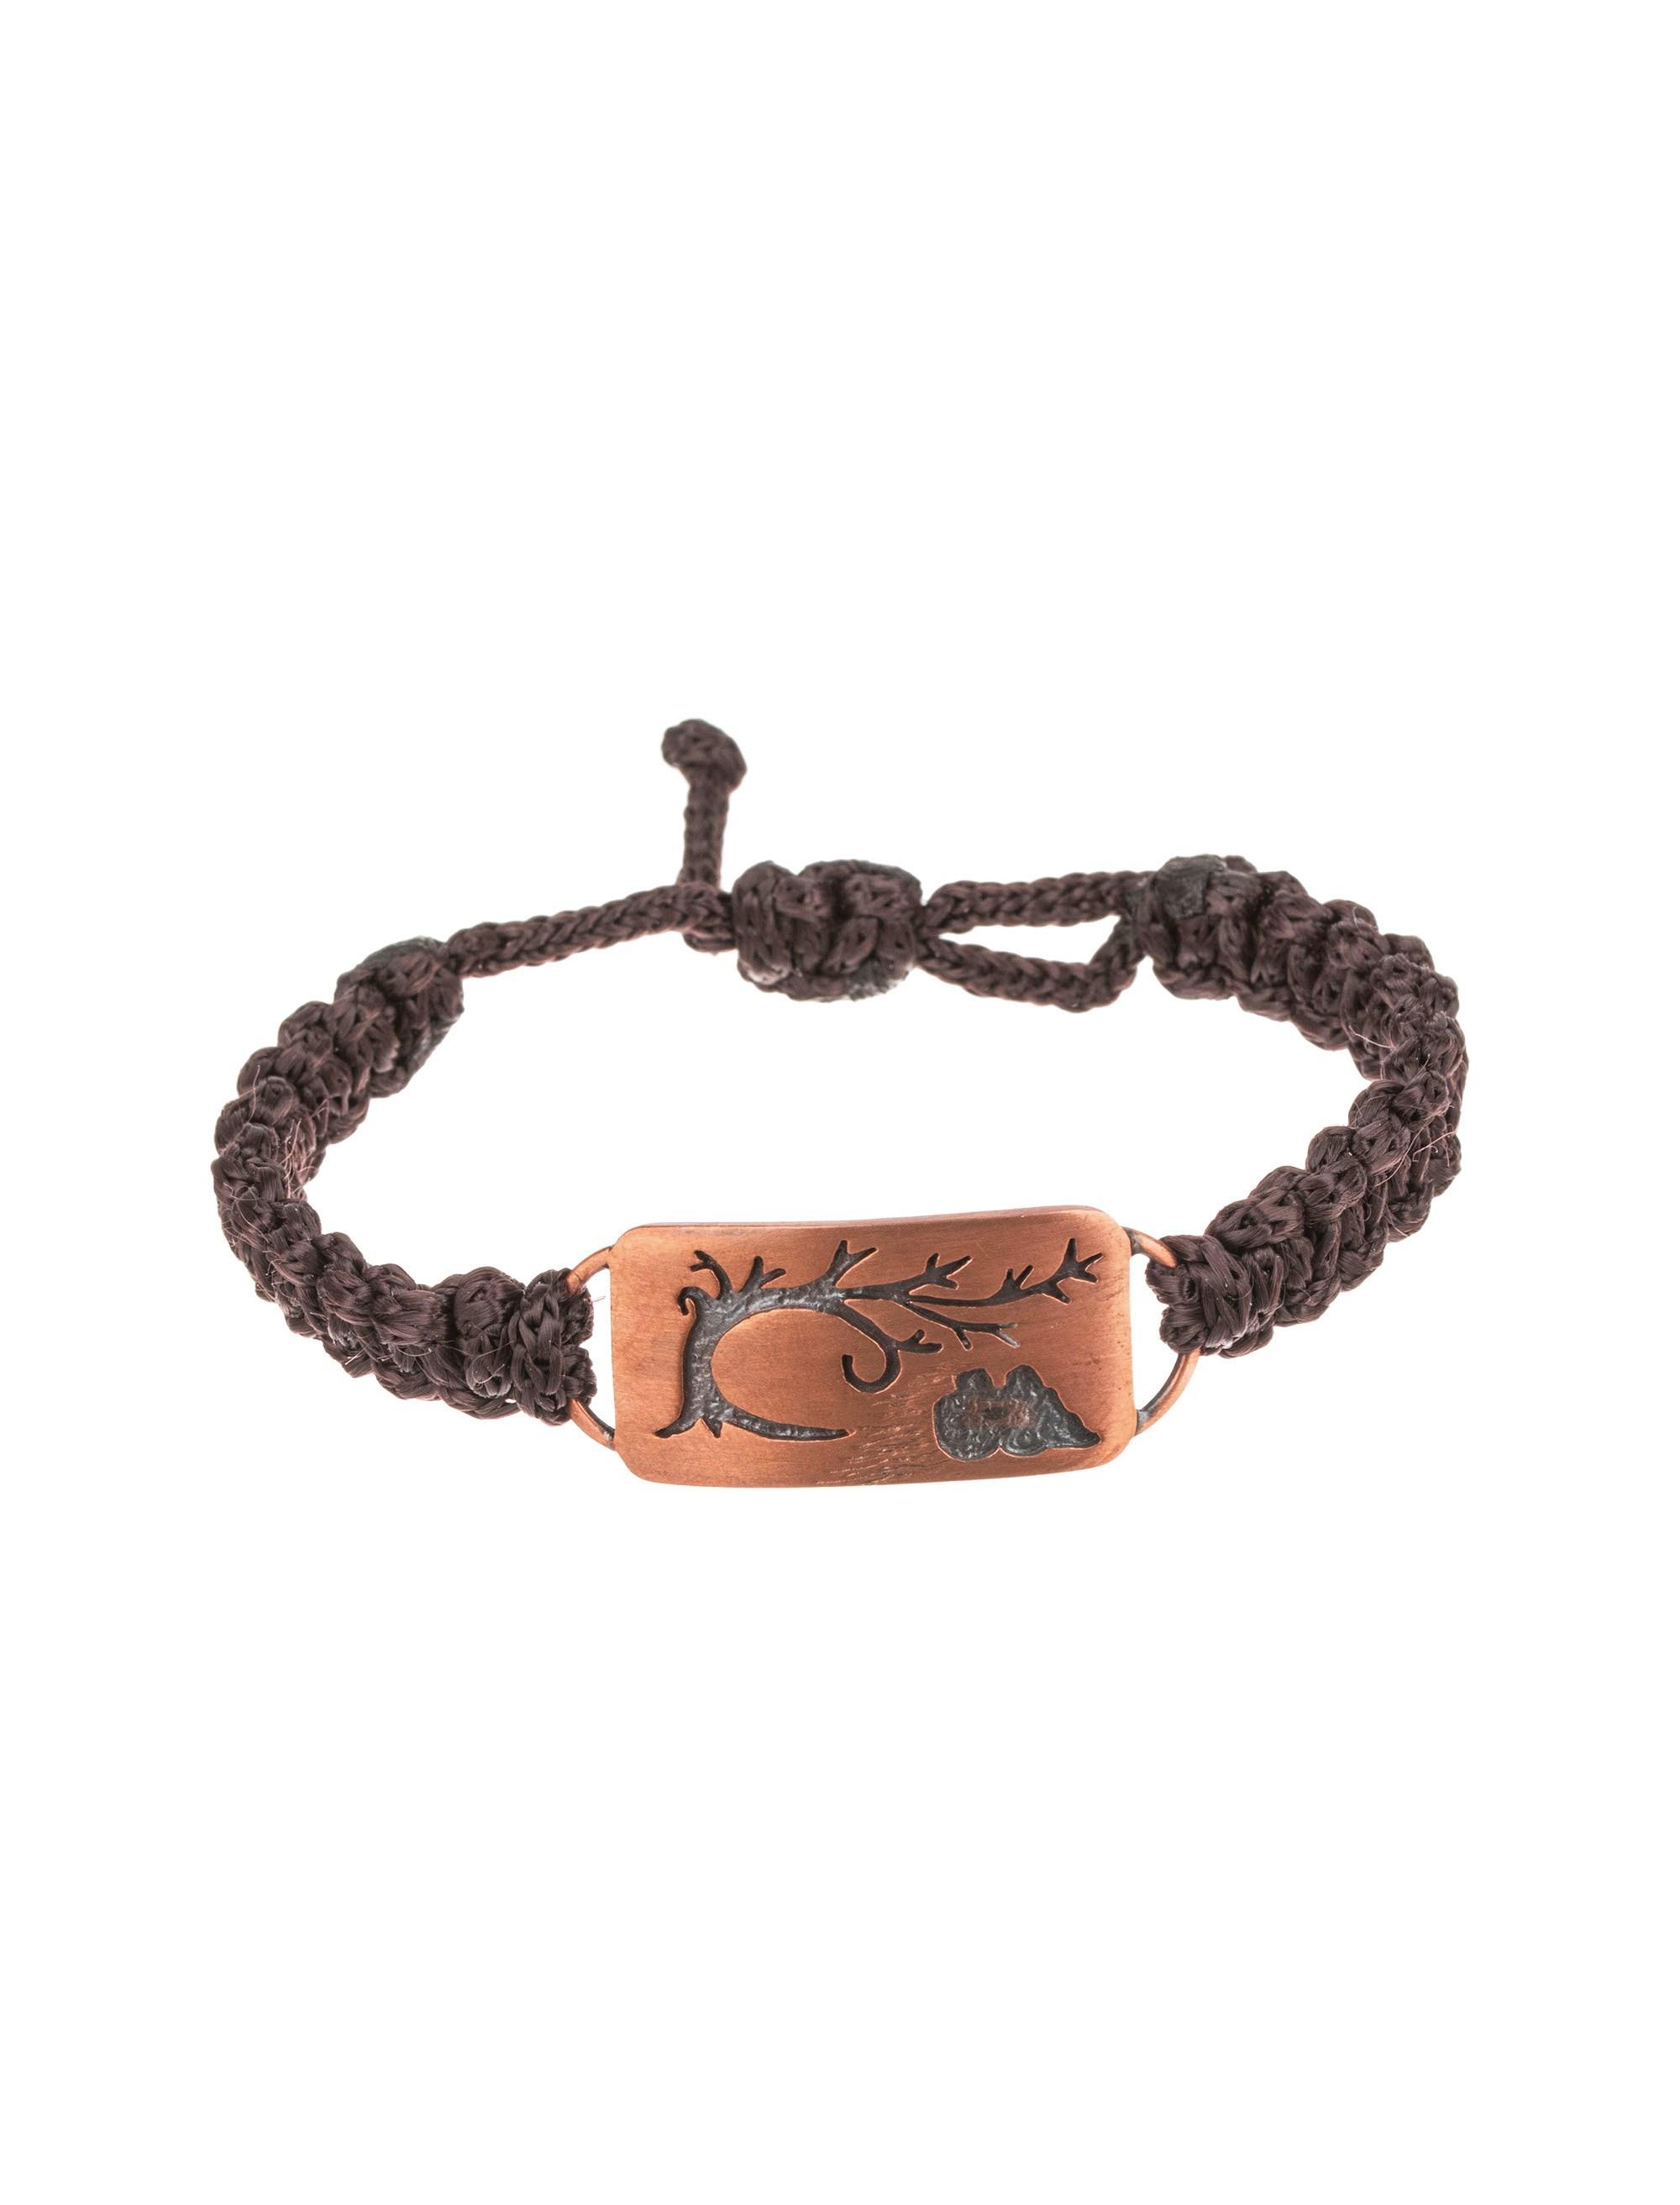 دستبند بندی بزرگسال - زرمس